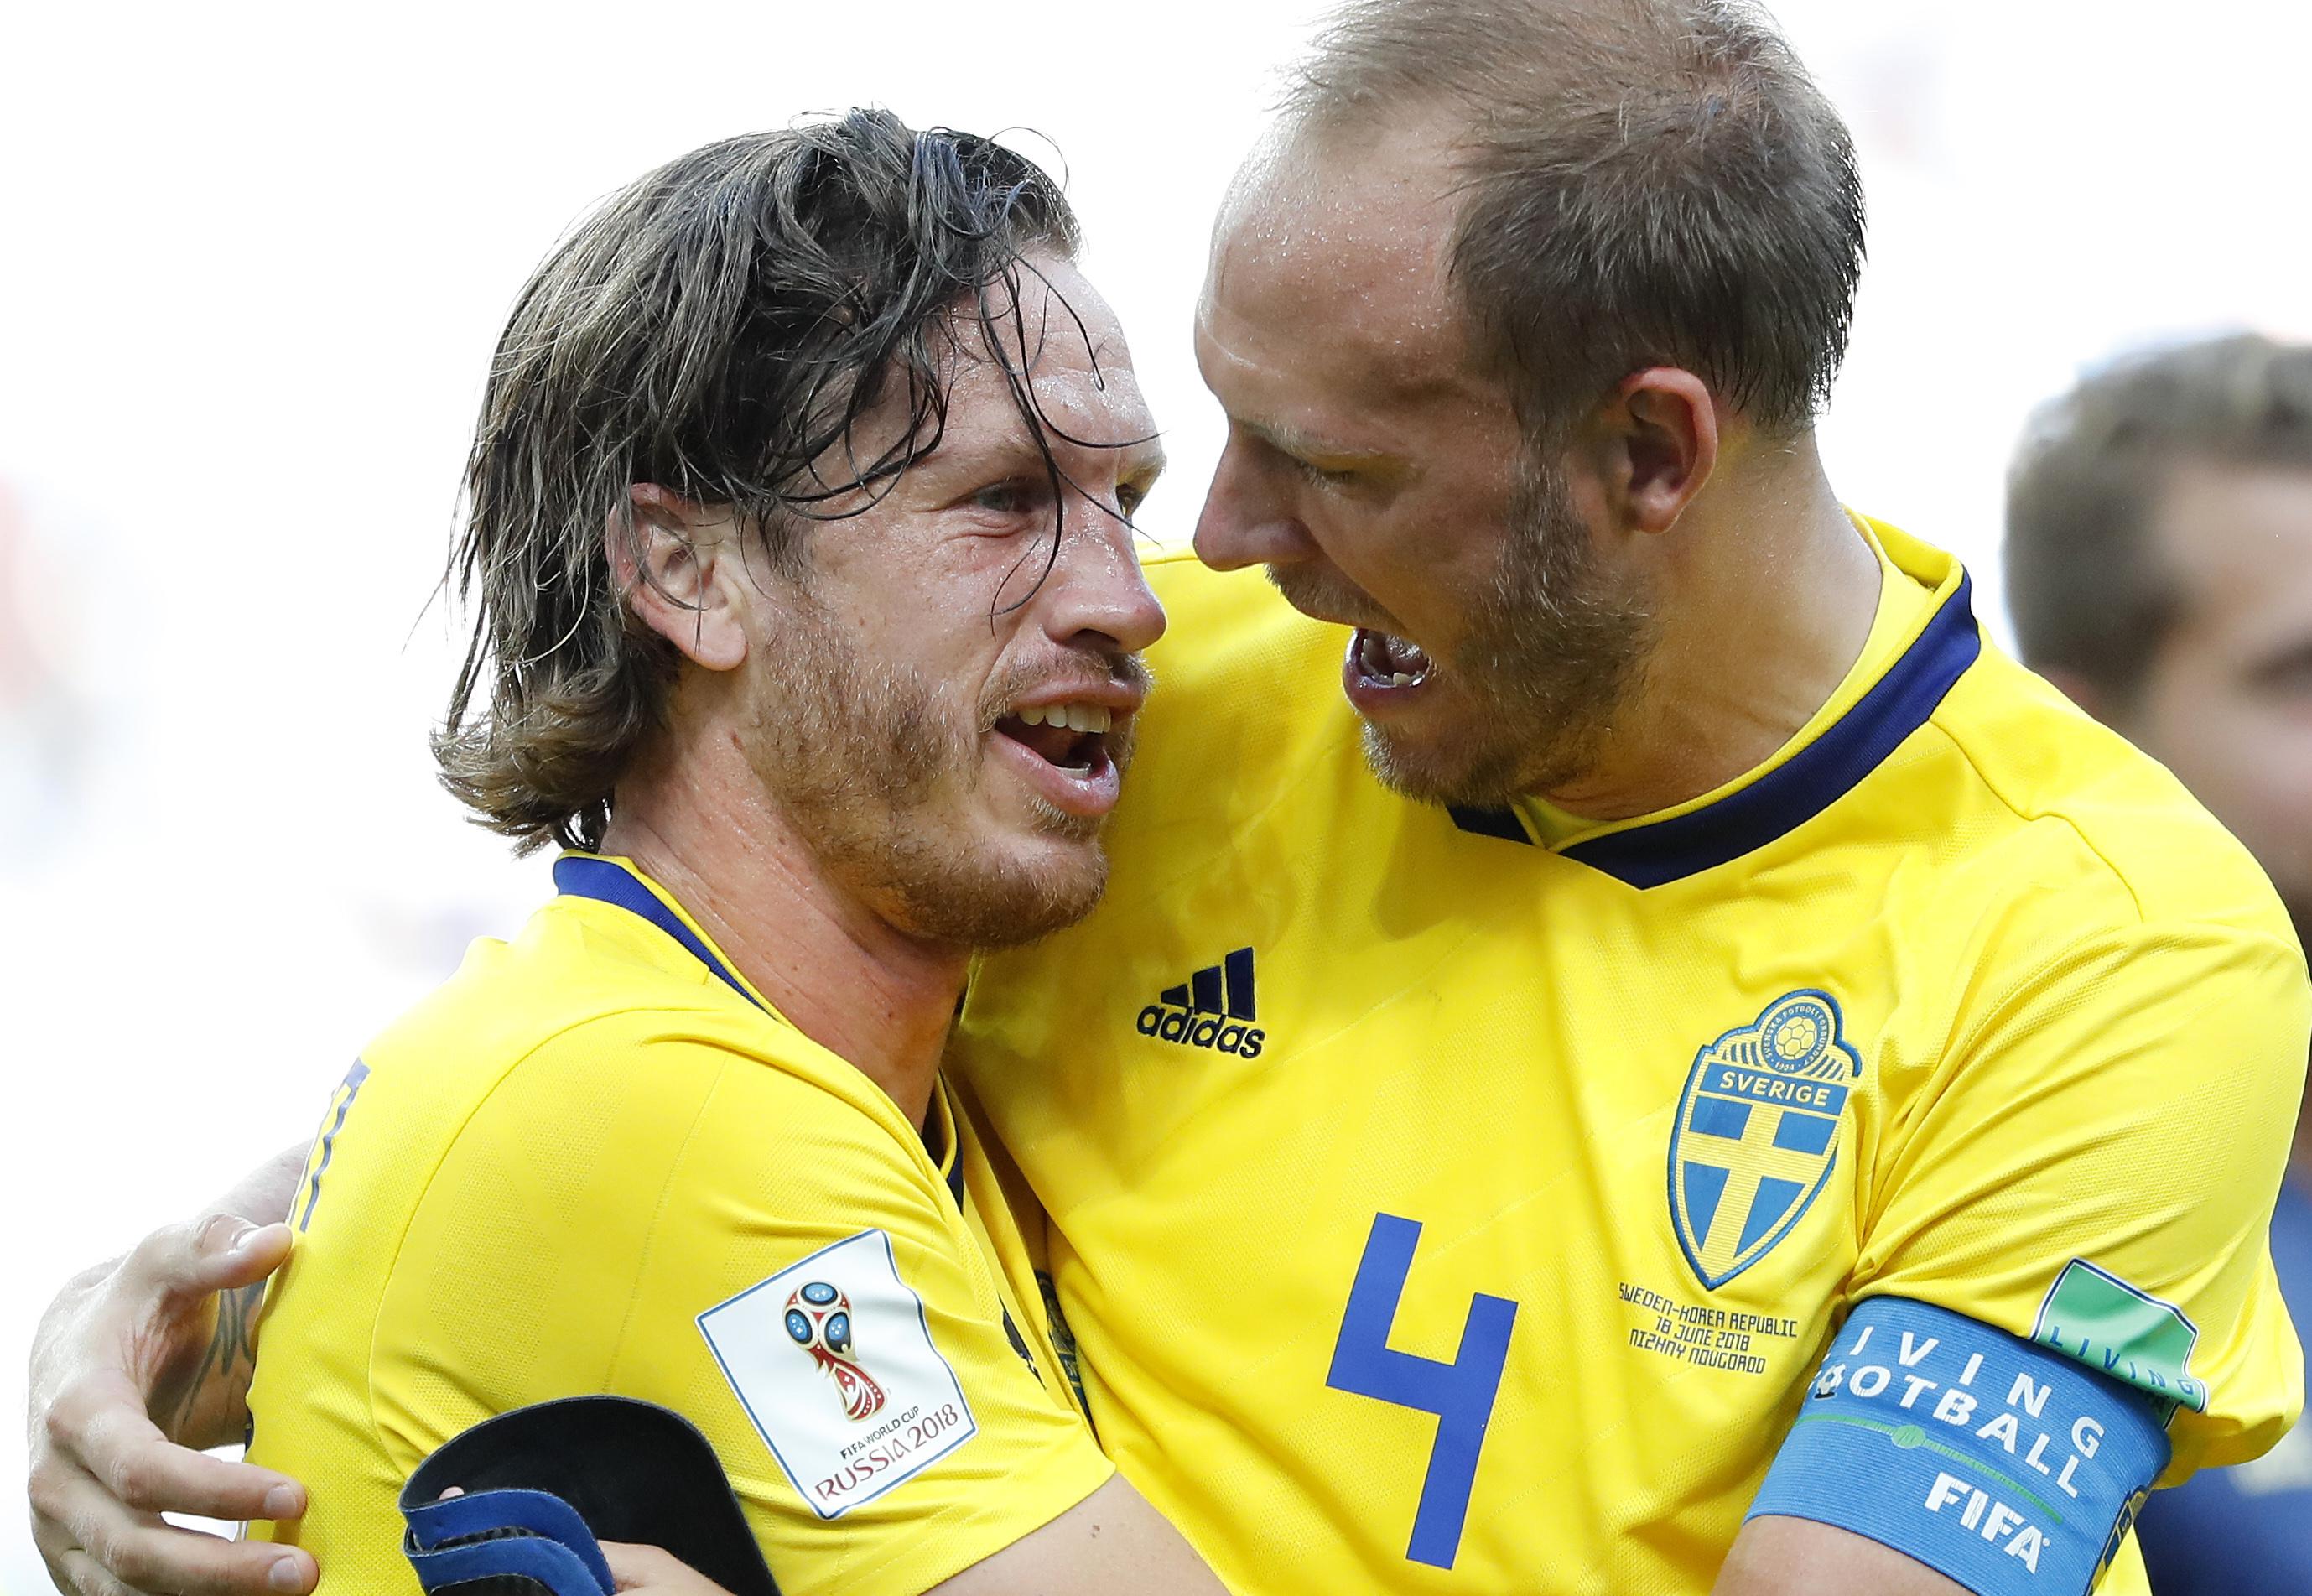 Sverige i vm final efter rysare